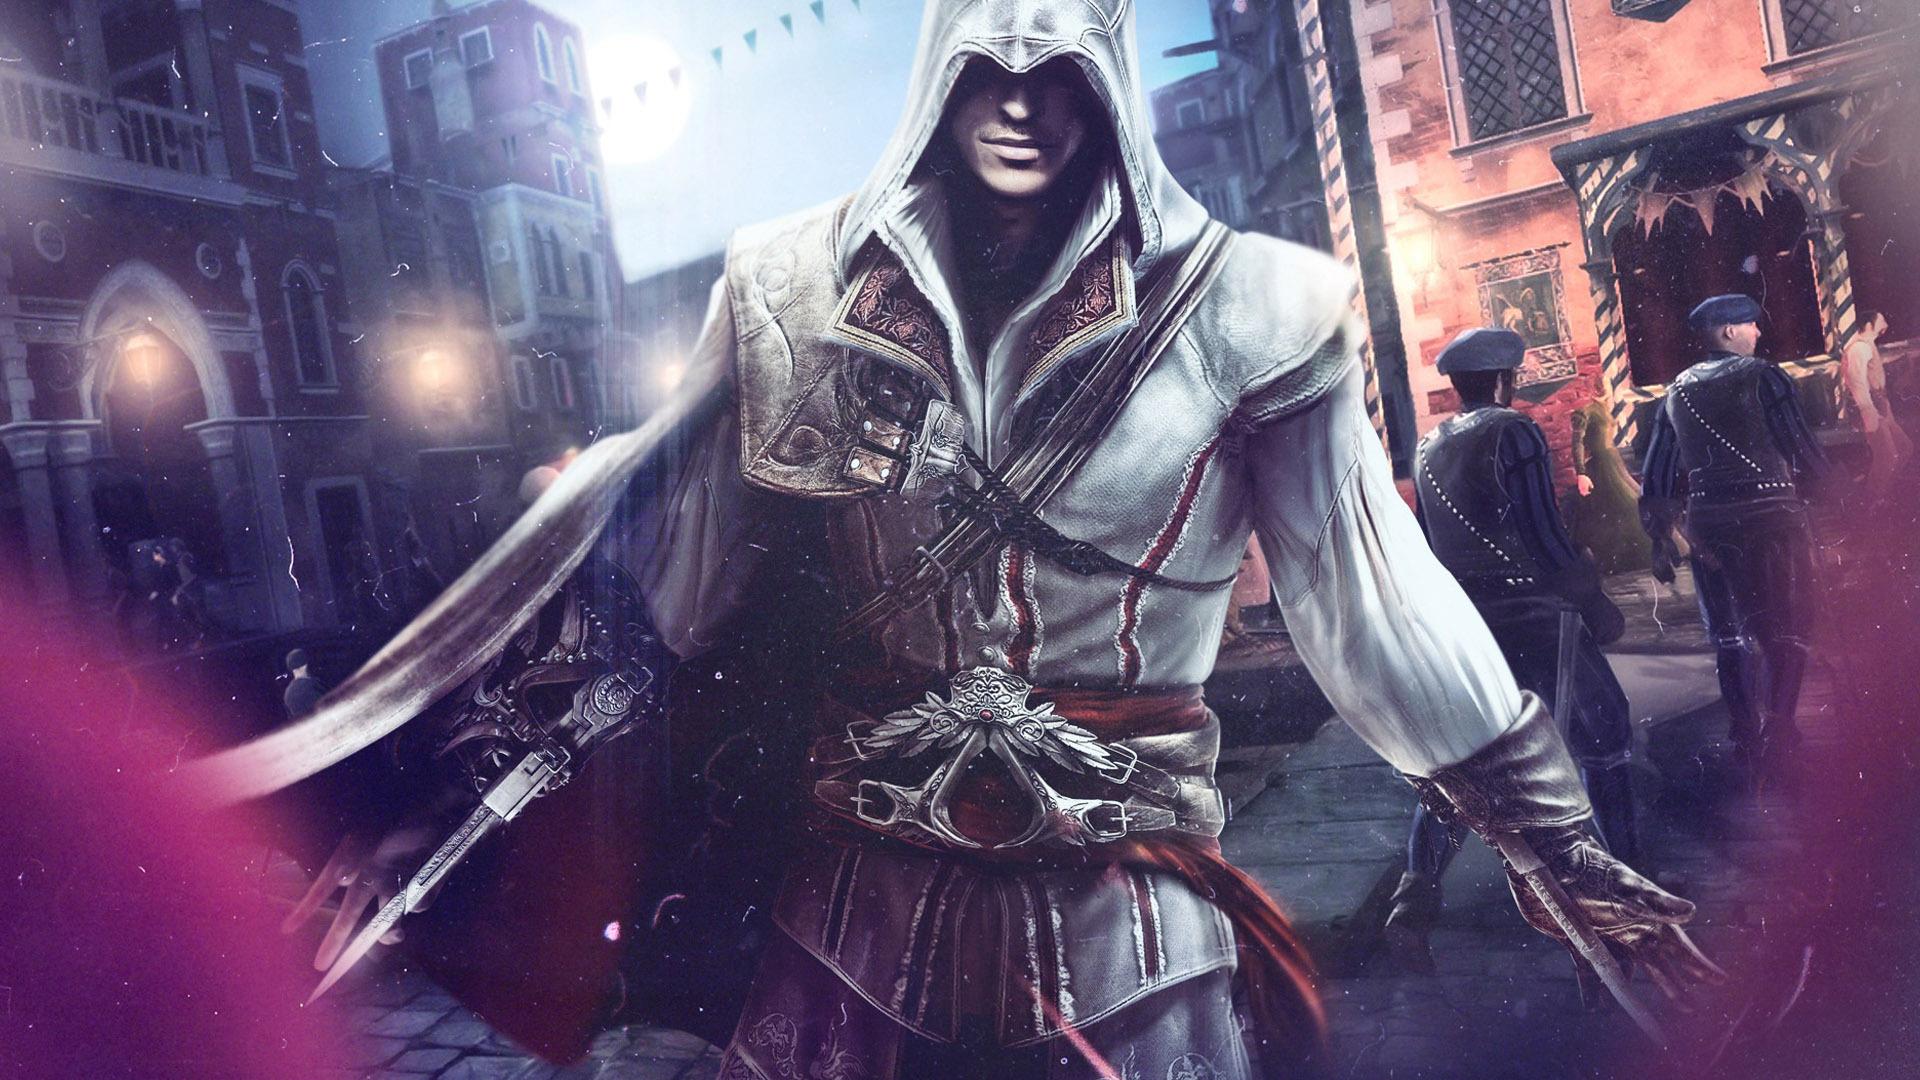 assassin creed 2 wallpaper wallpapersafari